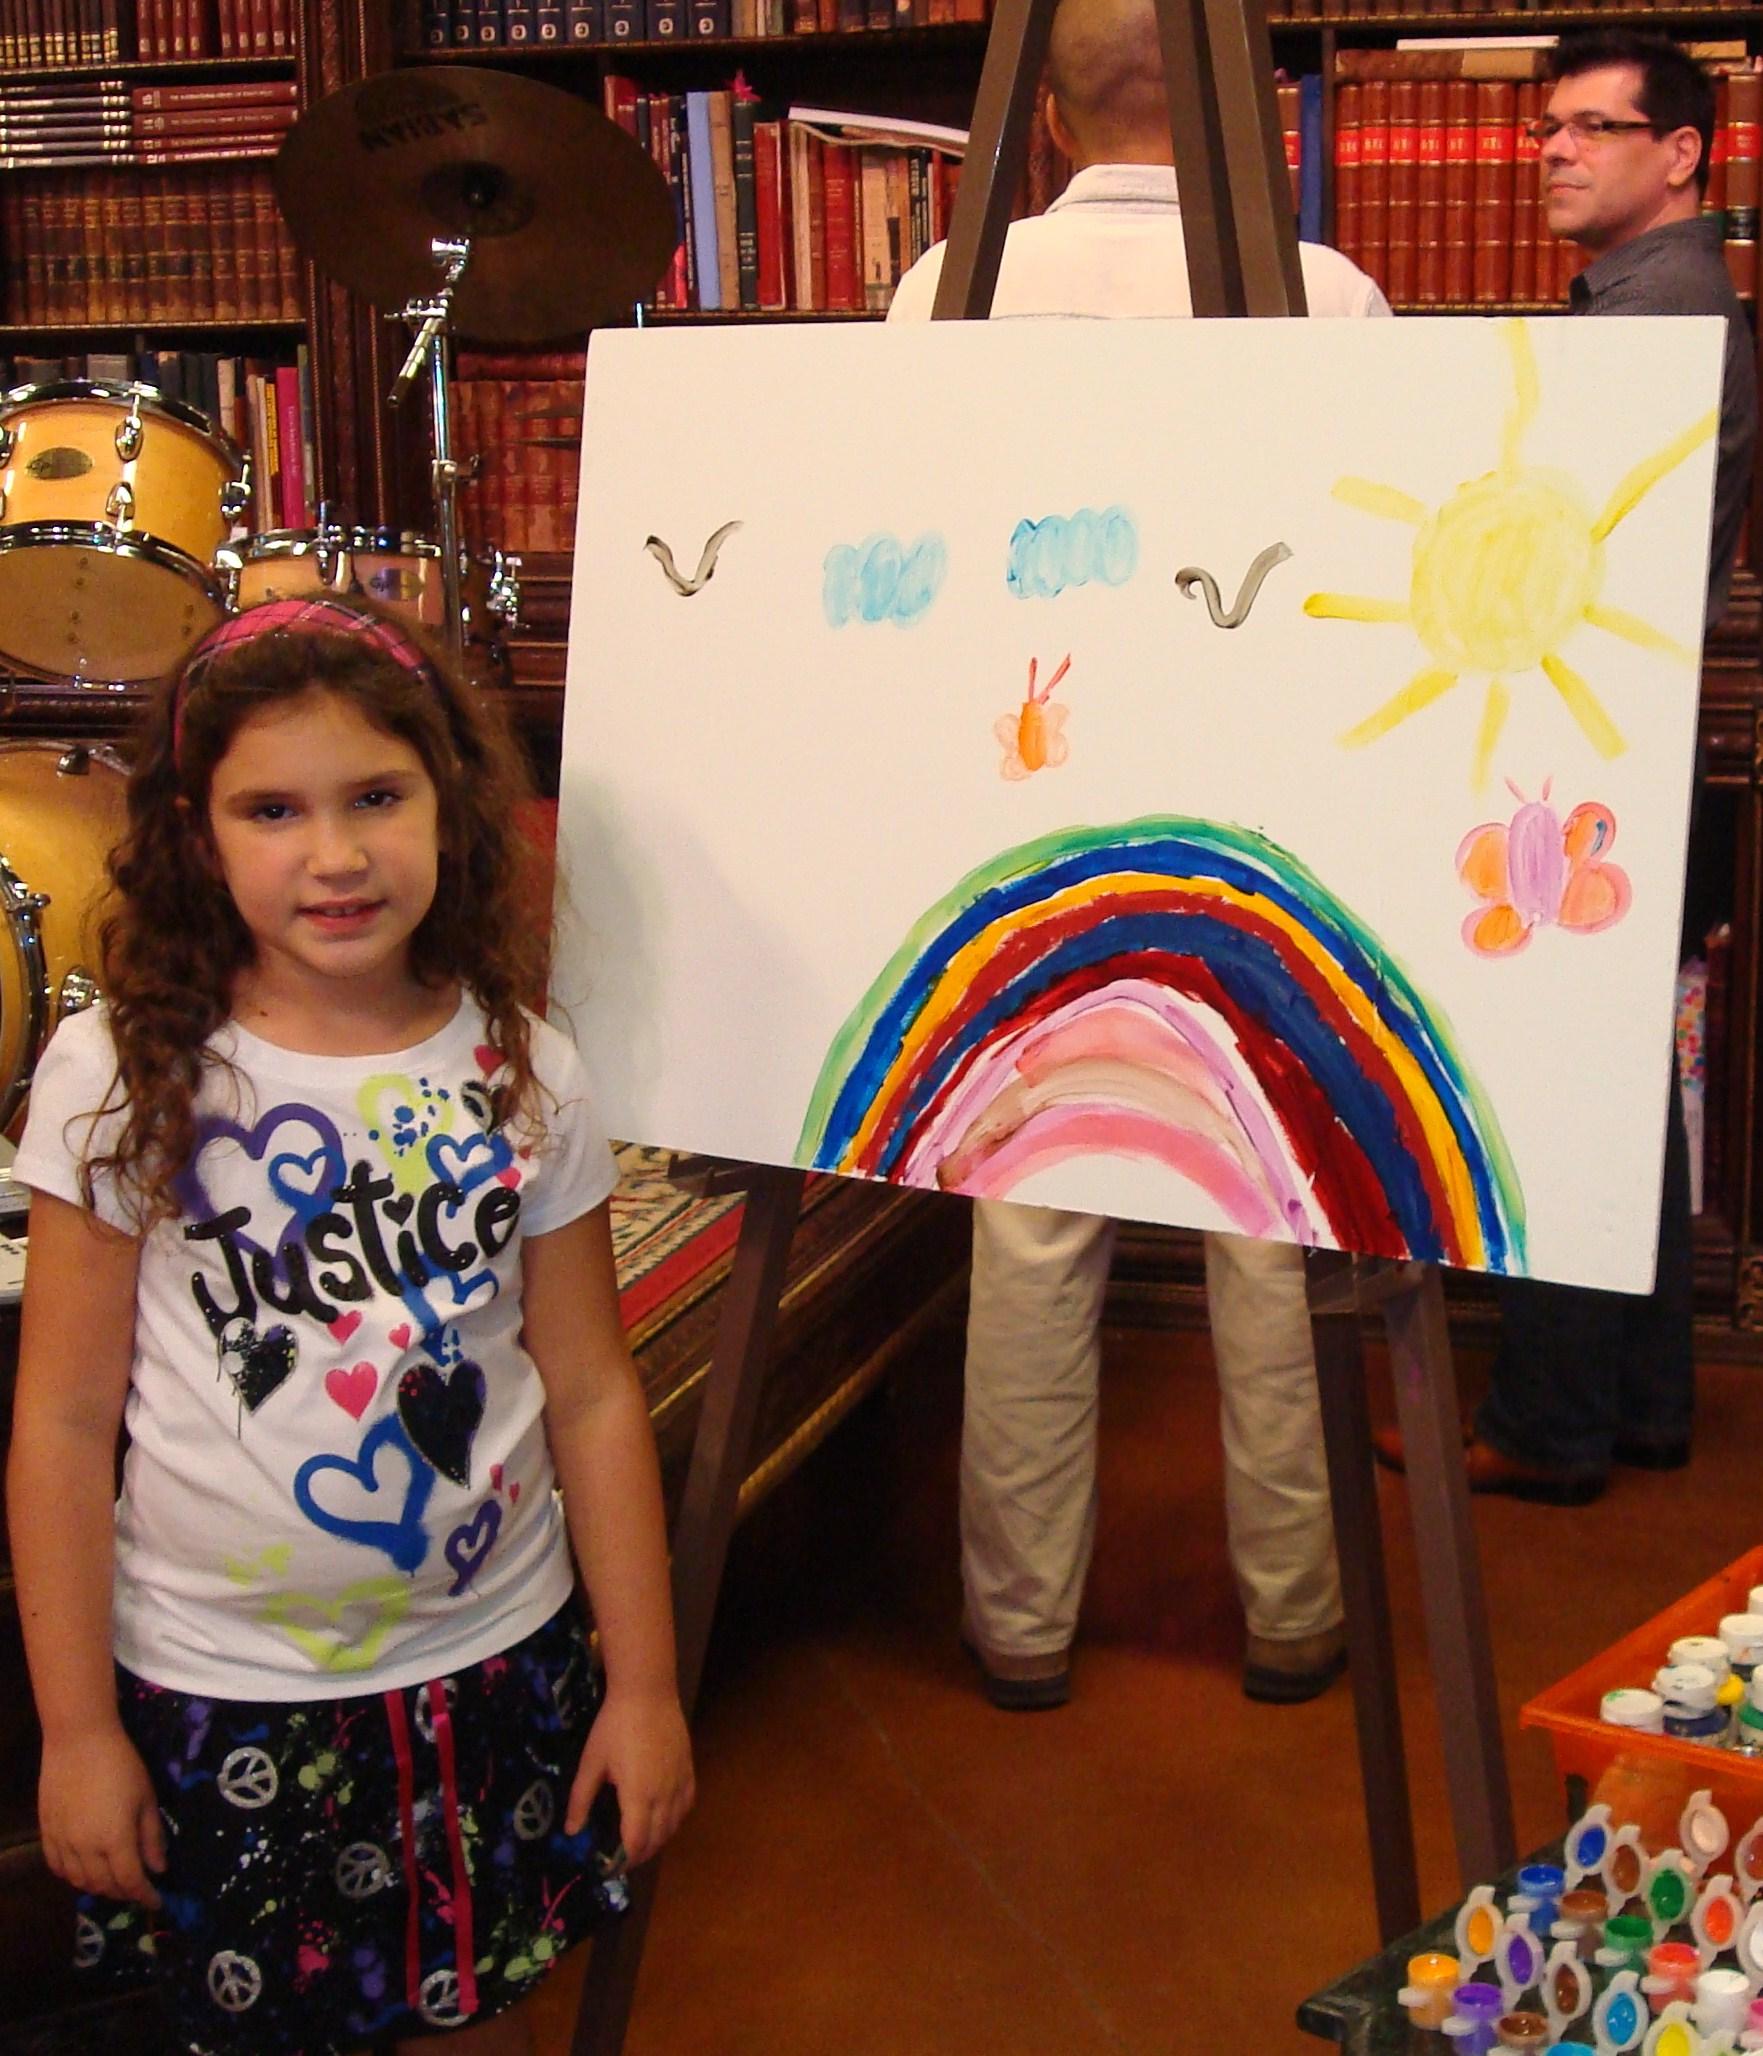 La niña Melisa Ortiz, mostrando su dibujo, y el bloguero Eddy Díaz Souza detrás, del blog Artedfactus.